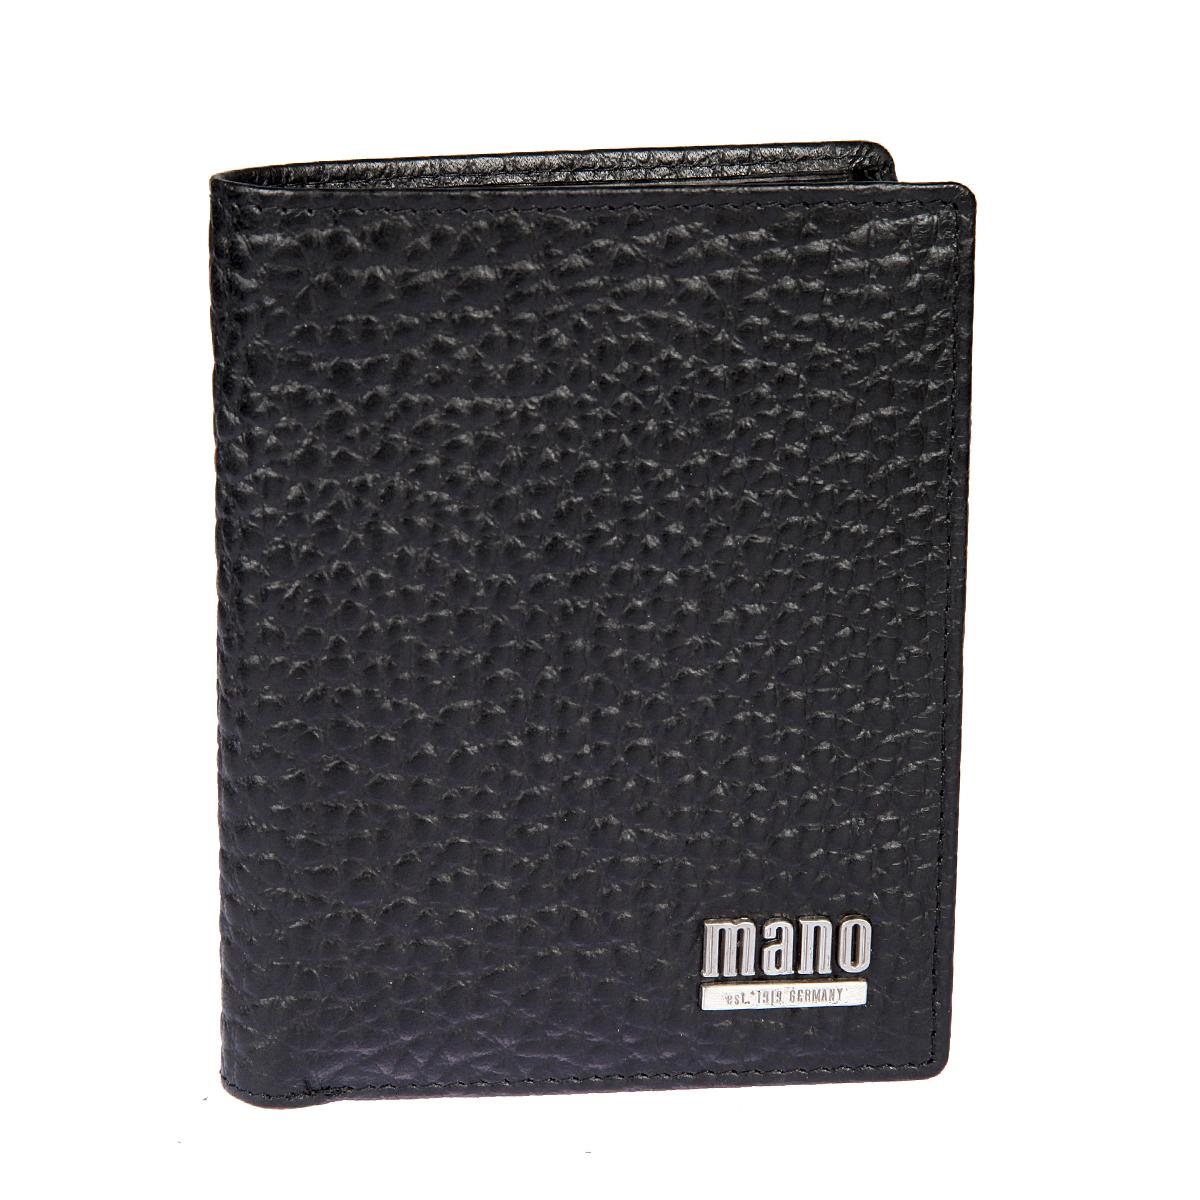 Портмоне мужское Mano, цвет: черный. 19537490300нПортмоне мужское Mano выполнено из натуральной кожи. Модель раскладывается пополам, внутри два отдела для купюр, карман для мелочи на кнопке, сетчатый карман, восемь кармашков для, пластиковых карт, три потайных кармана.